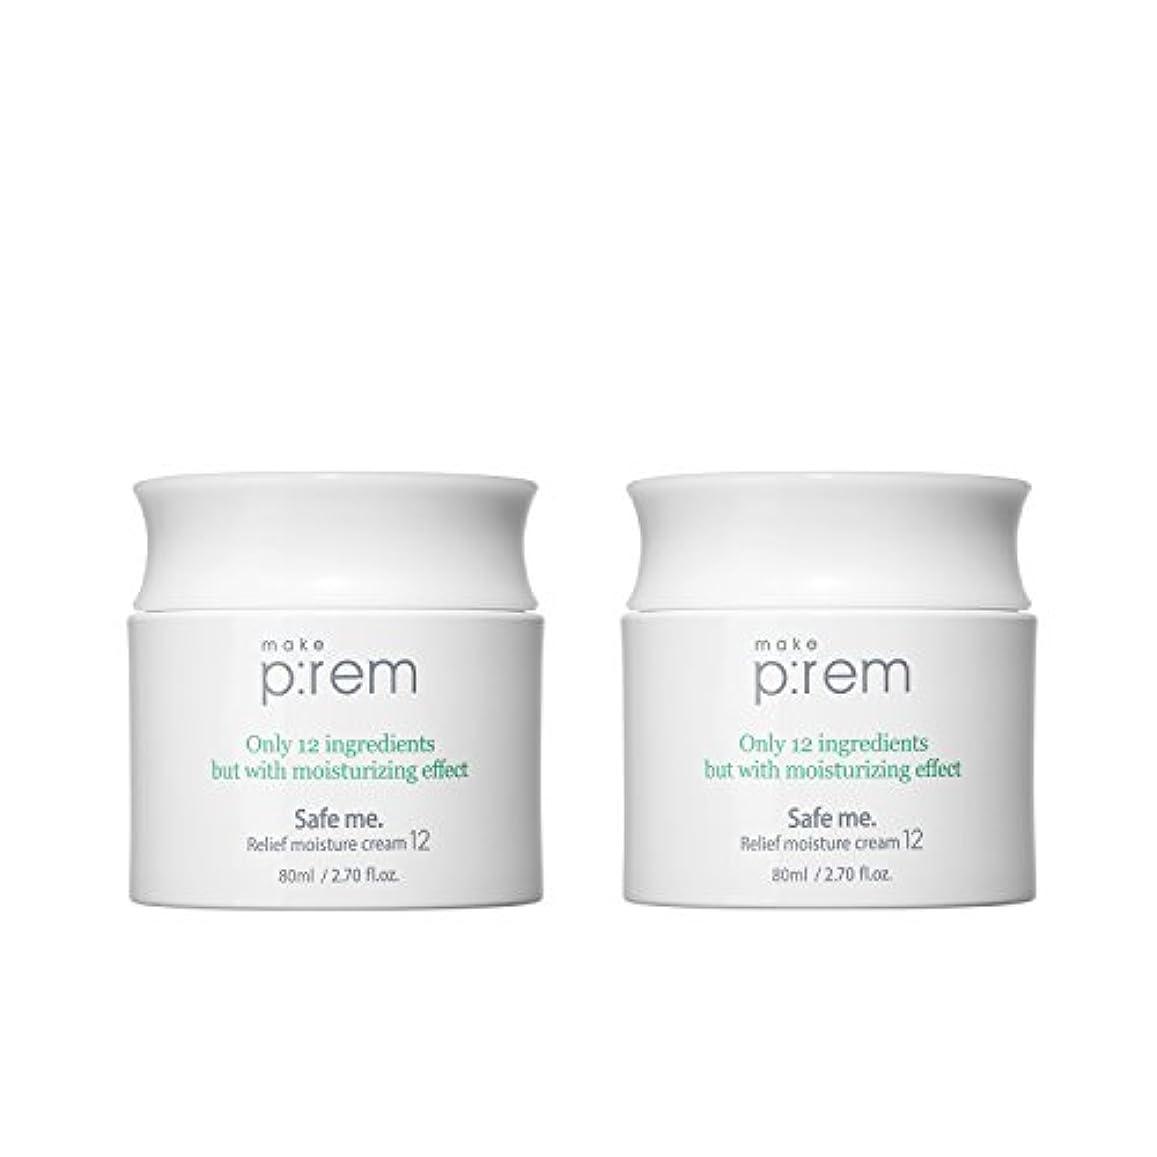 縮約プロジェクター歌詞(2個セット) x [MAKE P:REM] メイクプレム セーフミ?リリーフモイスチャークリーム12 80ml / Safe me. Relief moisture Cream 12 80ml / / 韓国製 . 海外直送品